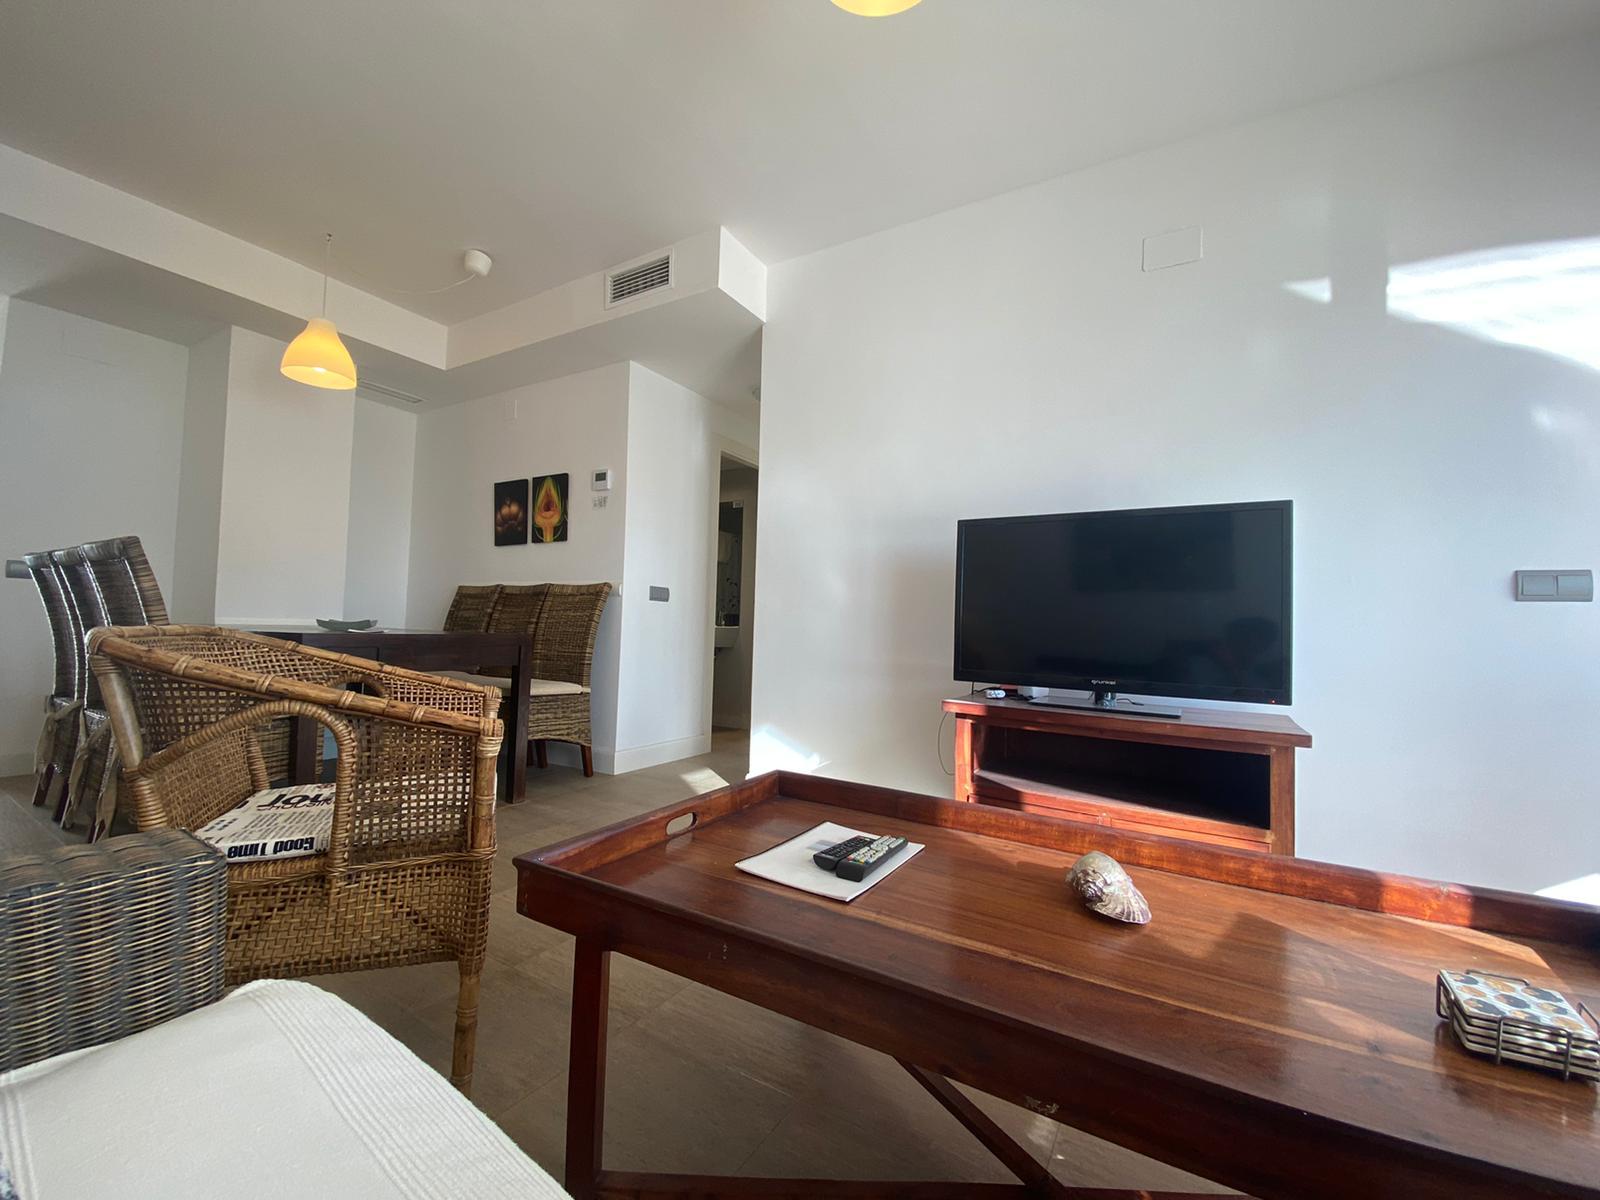 Imagen 7 del Apartamento Turístico, Ático 7 Levante (3d +2b), Punta del Moral (HUELVA), Paseo de la Cruz nº22